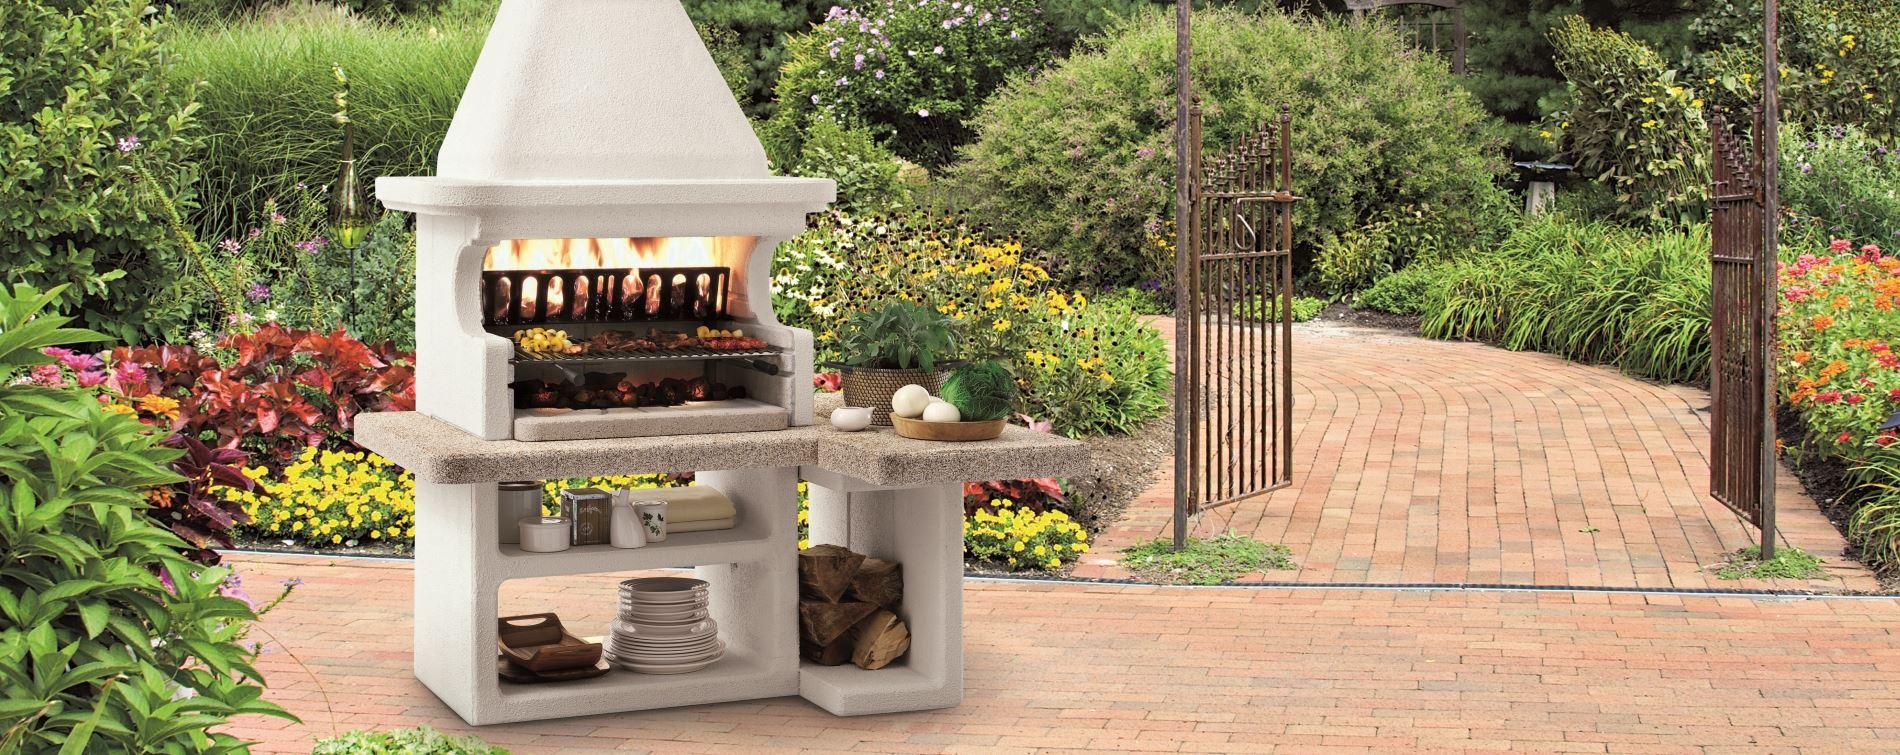 Caminetti barbecue da esterno costruire barbecue in - Caminetto per esterno ...